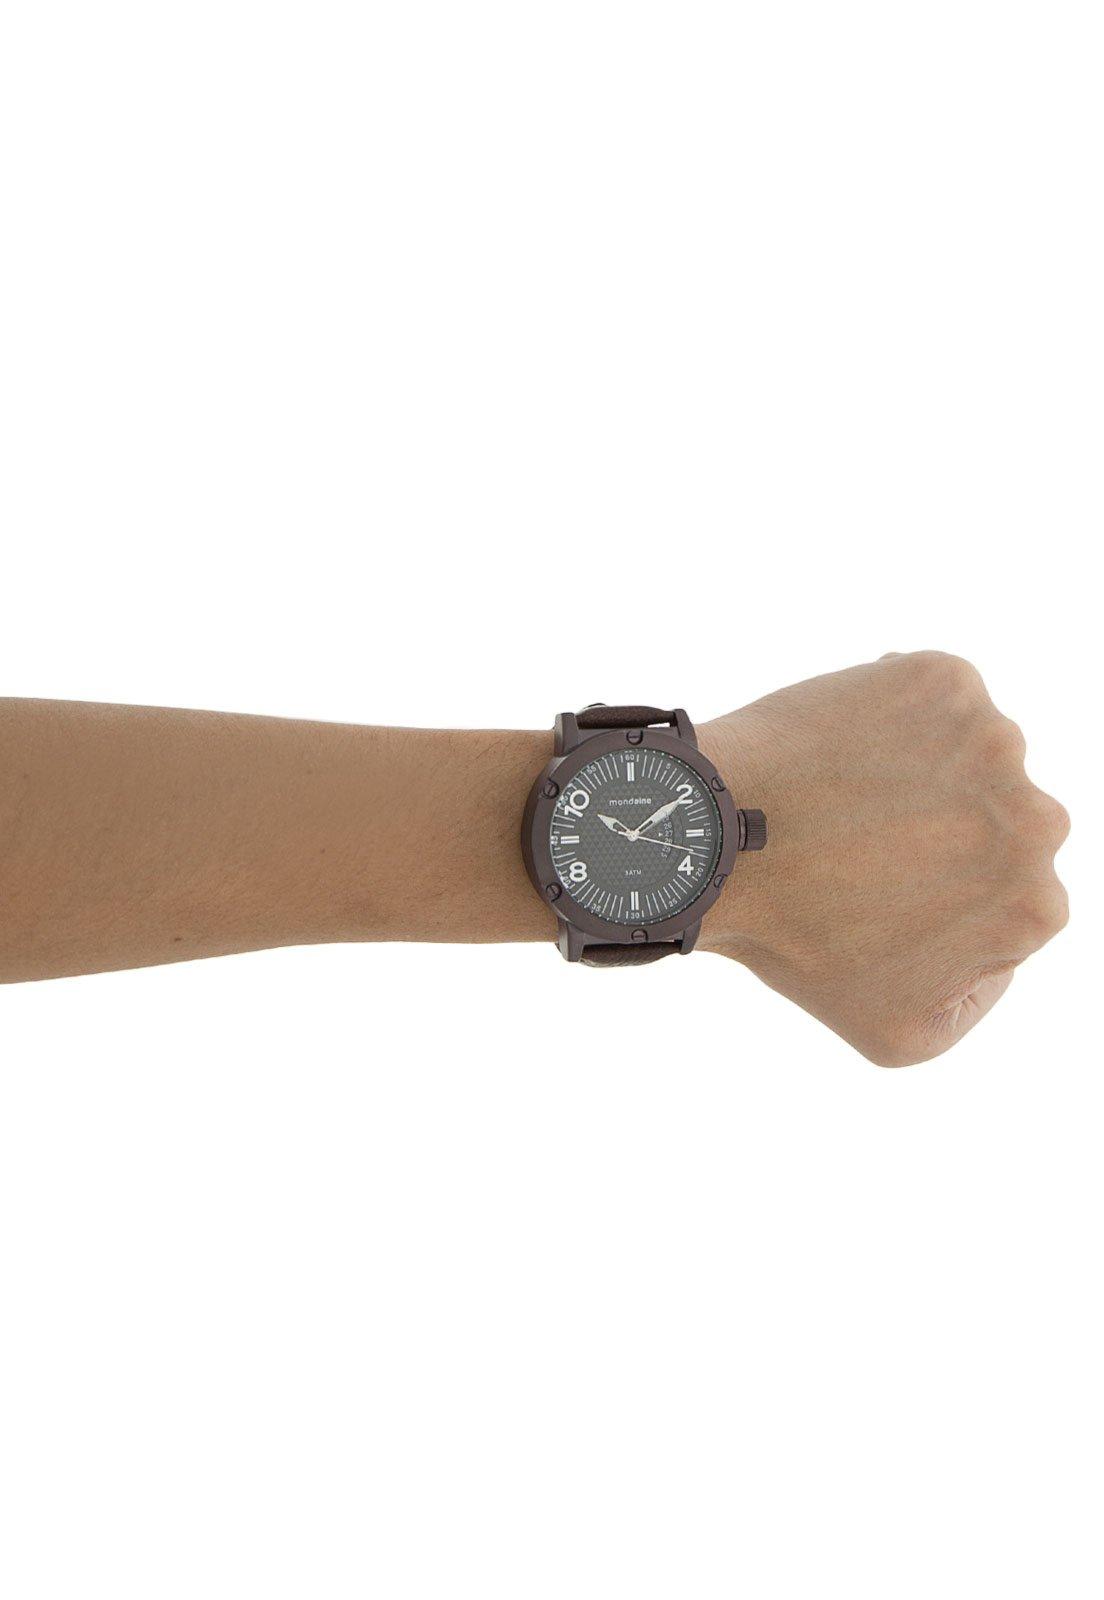 ceae5dc48b411 Tio Ricardo) Relógio Masculino Mondaine - Caixa de 5,9 cm - R  88,10 ...